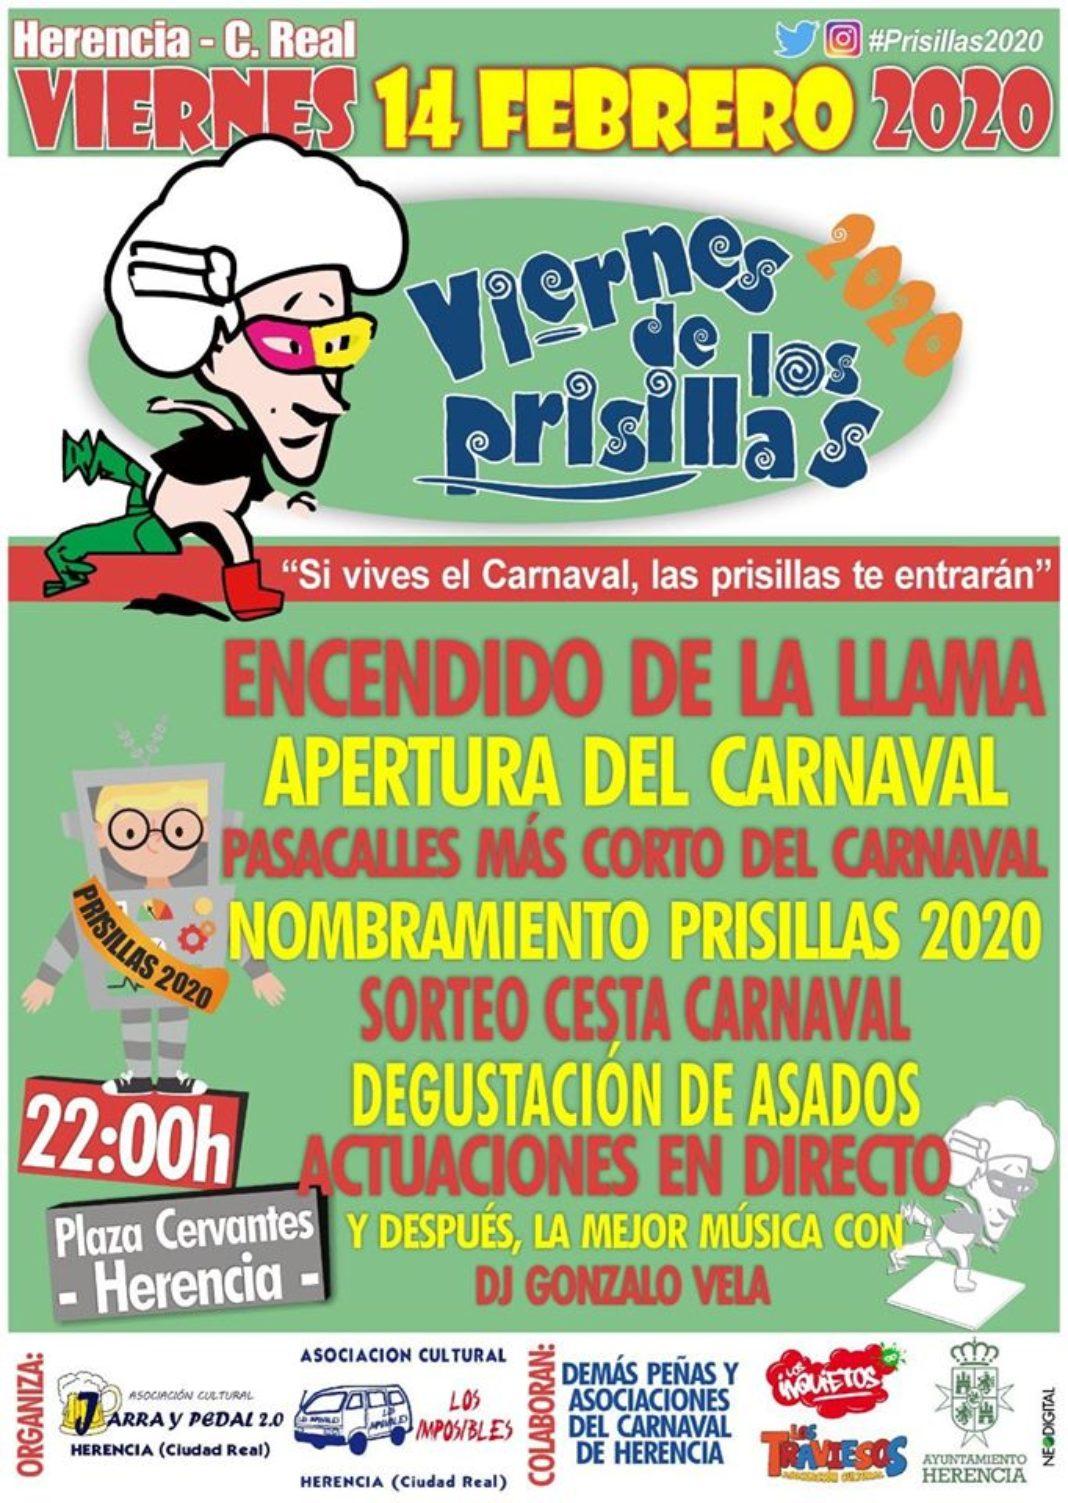 Viernes de los Prisillas 2020 1068x1503 - El Viernes de los Prisillas calentará los motores del Carnaval de Herencia el 14 de febrero